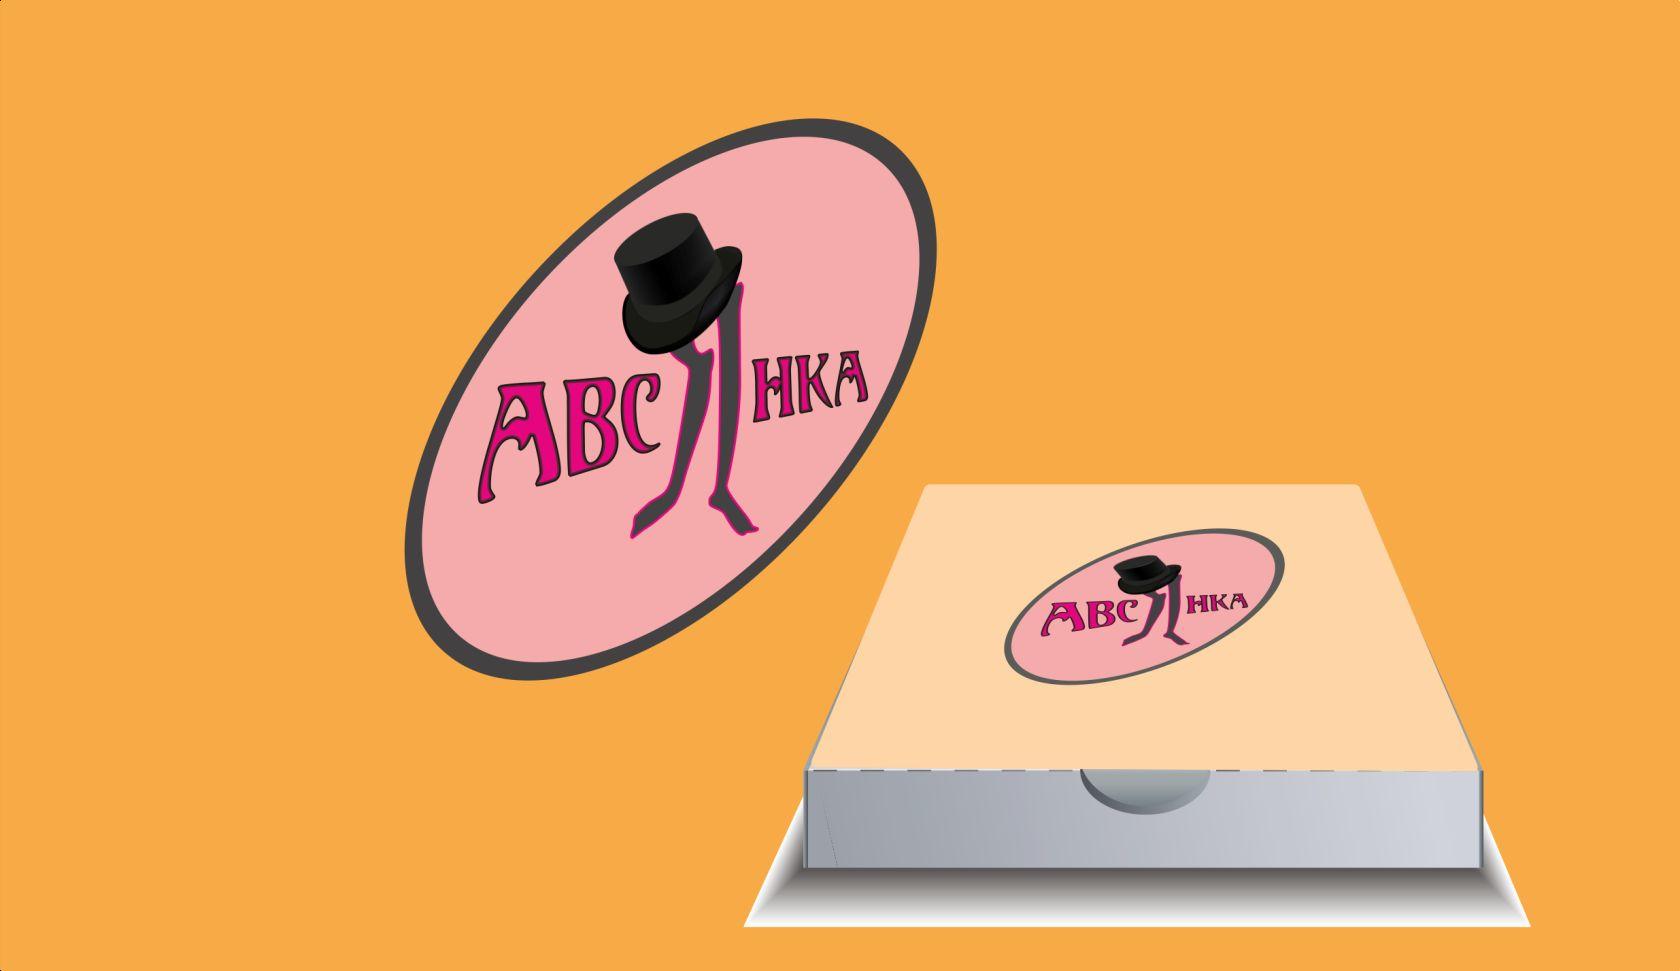 Лого и фирм. стиль для услуг стилистов - дизайнер Amaterasy25